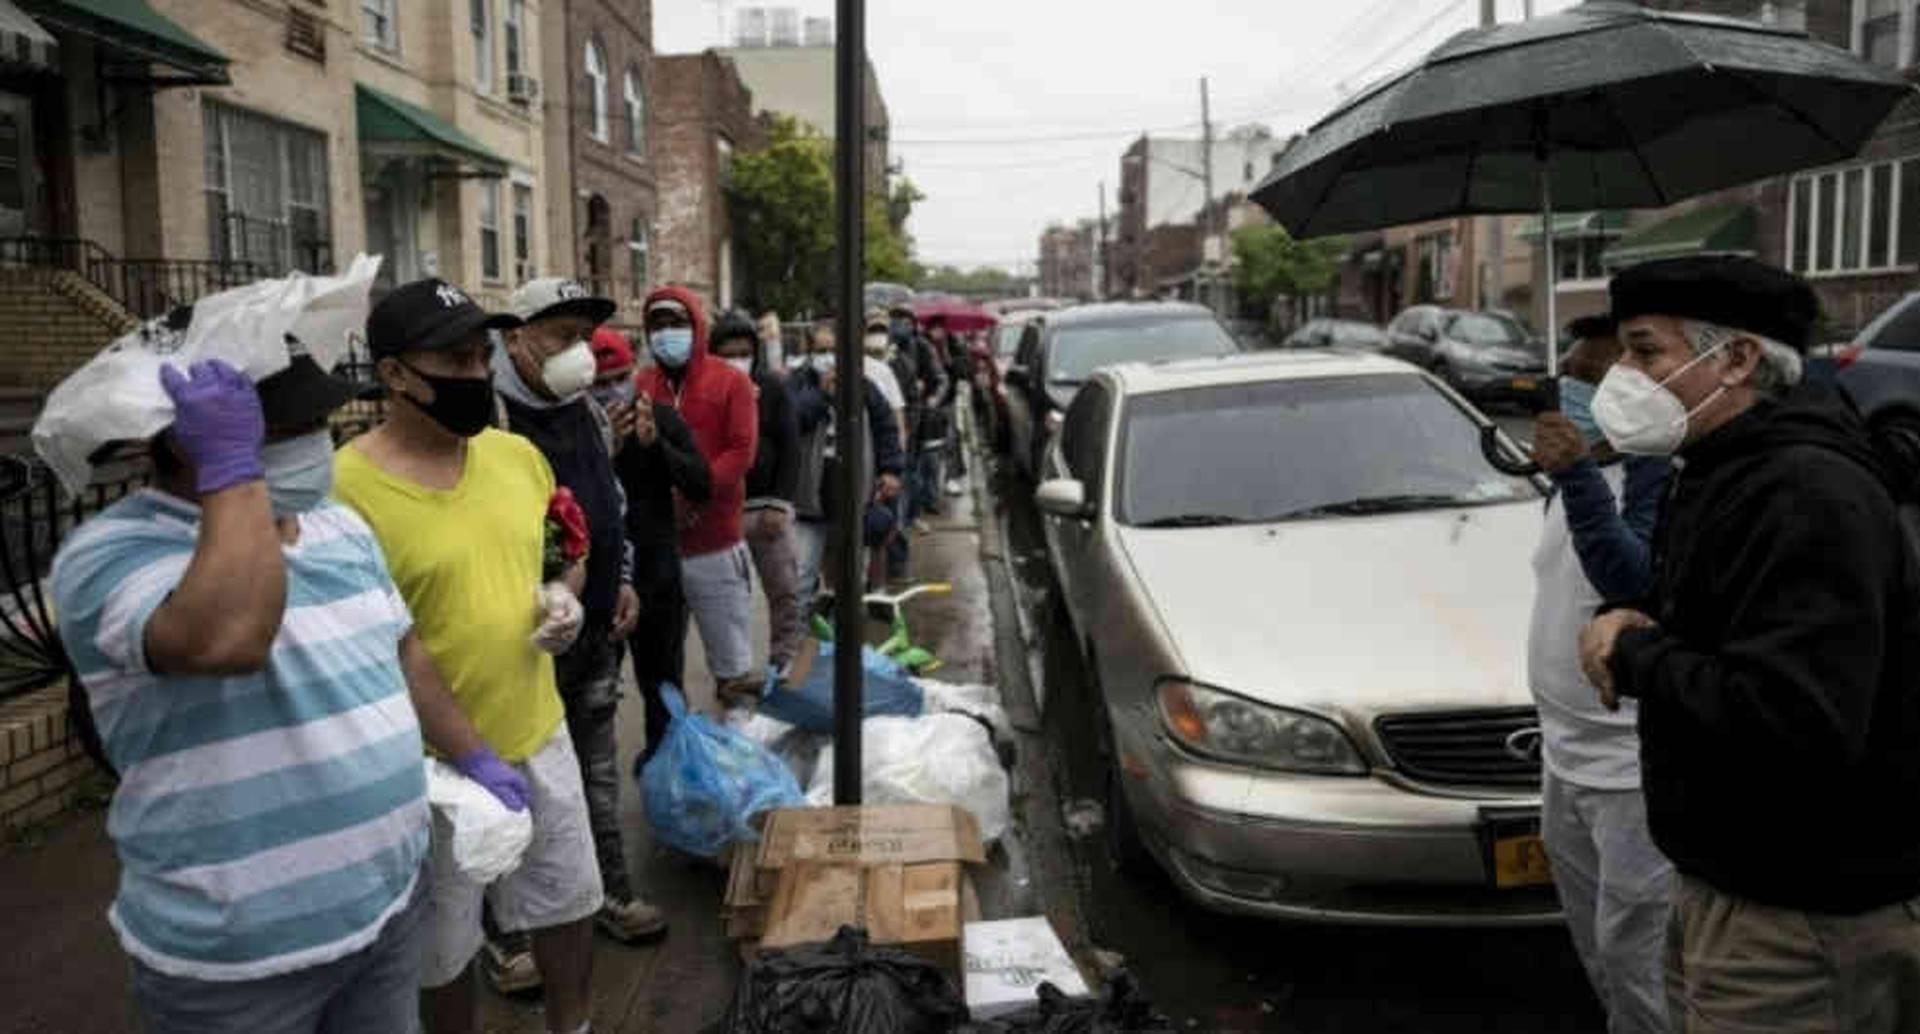 El padre Fabián Arias, un pastor luterano de la Iglesia de San Pedro en Manhattan que ayuda a inmigrantes, habla con guatemaltecos que aguardan una distribución gratuita de alimentos en la ciudad de Nueva York el 22 de mayo de 2020